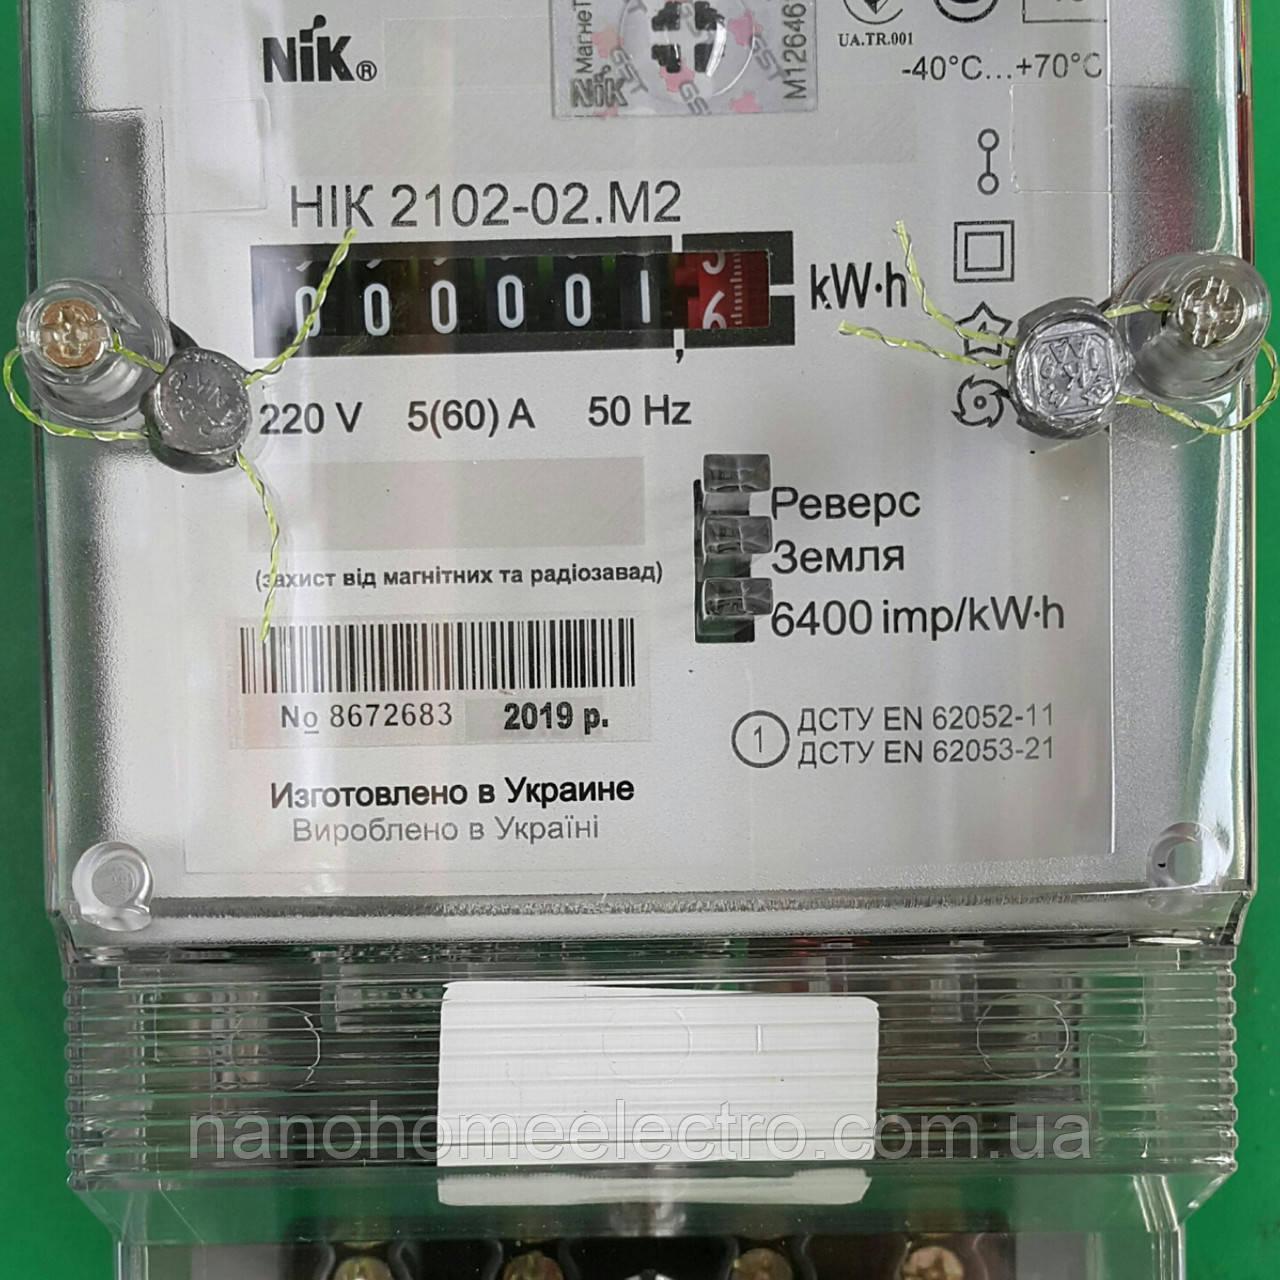 Счетчик однофазный Nik 2102-02 М1В Украина